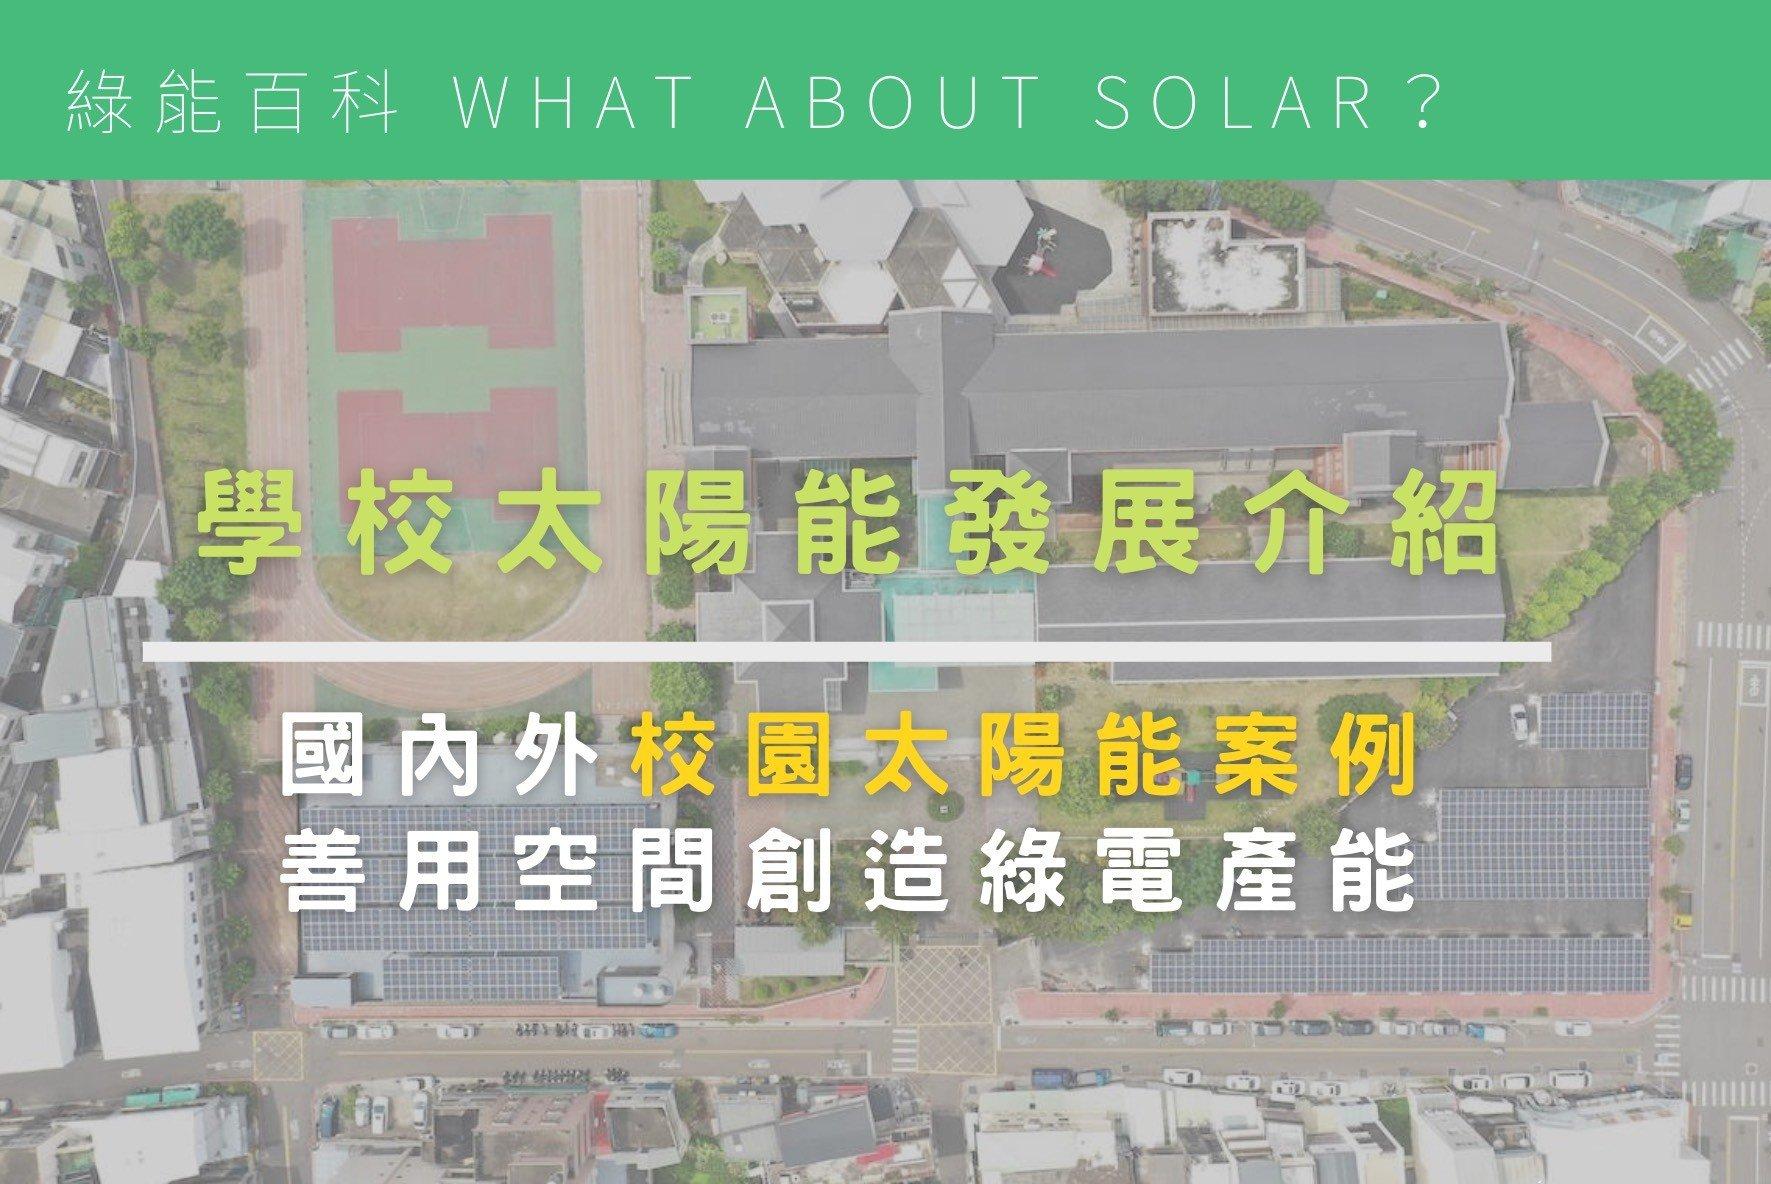 學校太陽能發展介紹|國內外校園太陽能案例,善用空間創造綠電產能